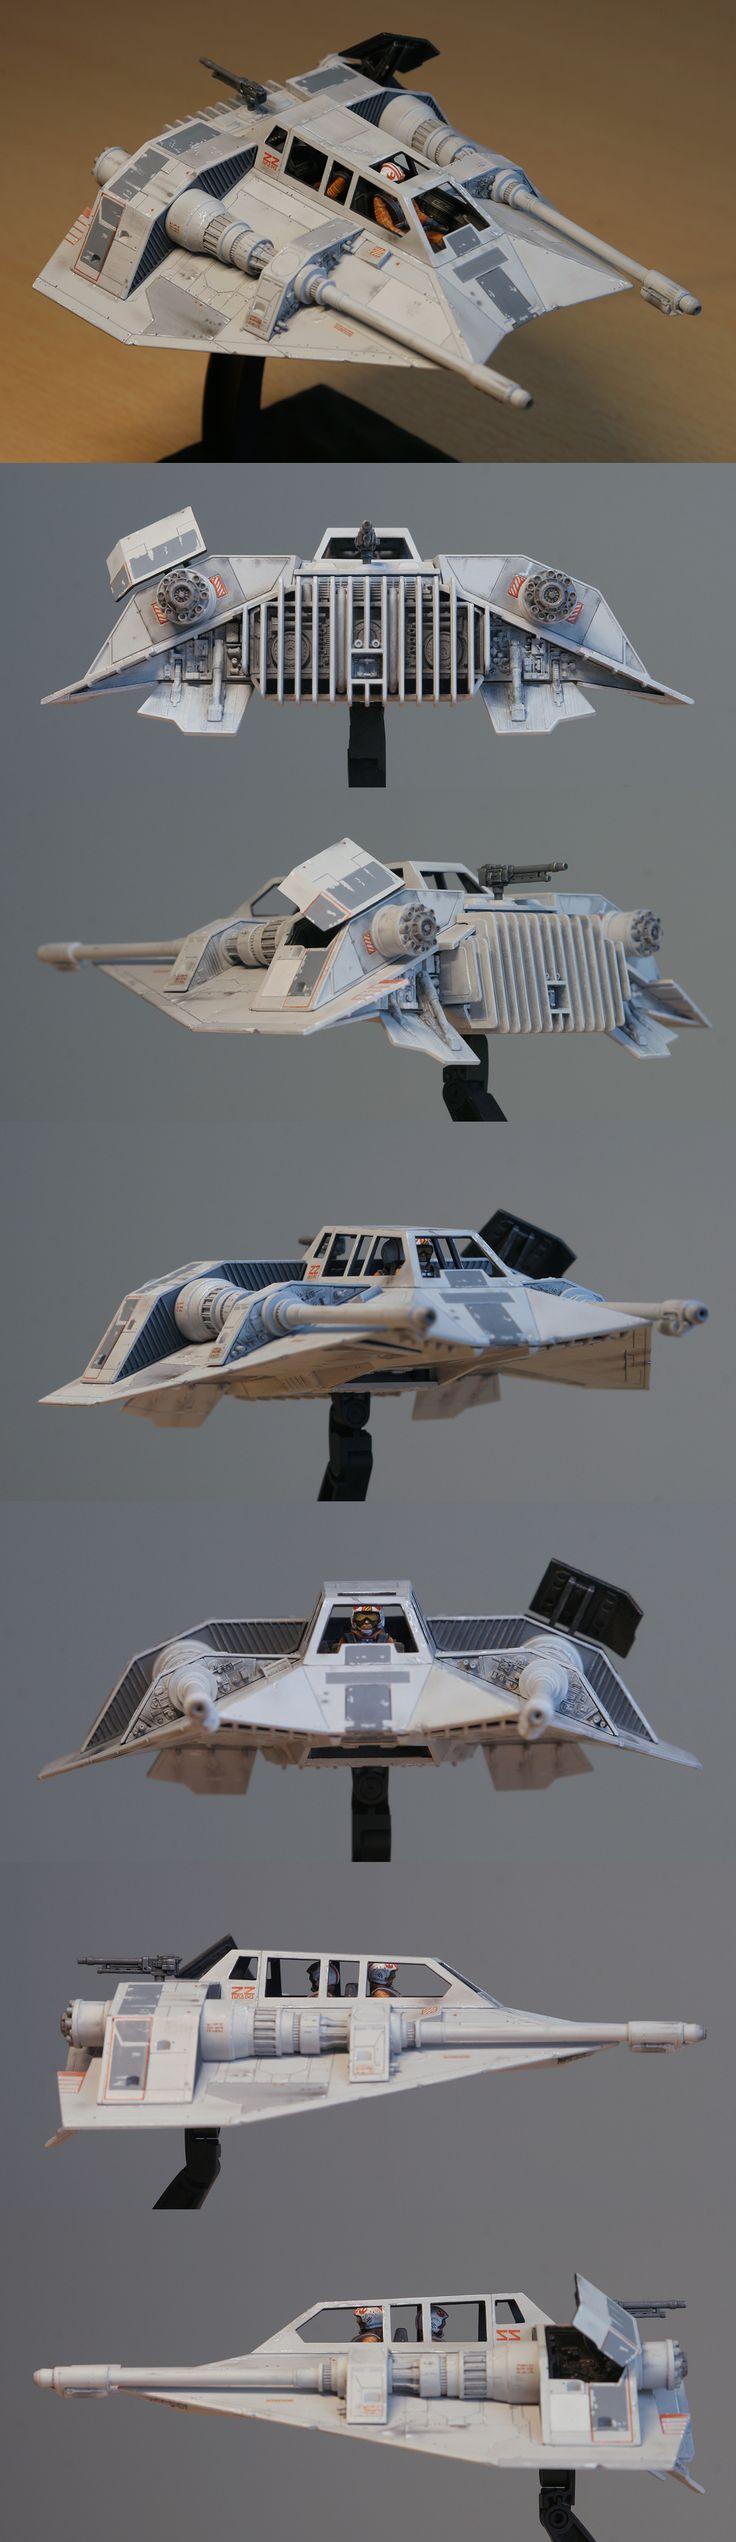 Bandai 1:48 Scale Star Wars Snowspeeder